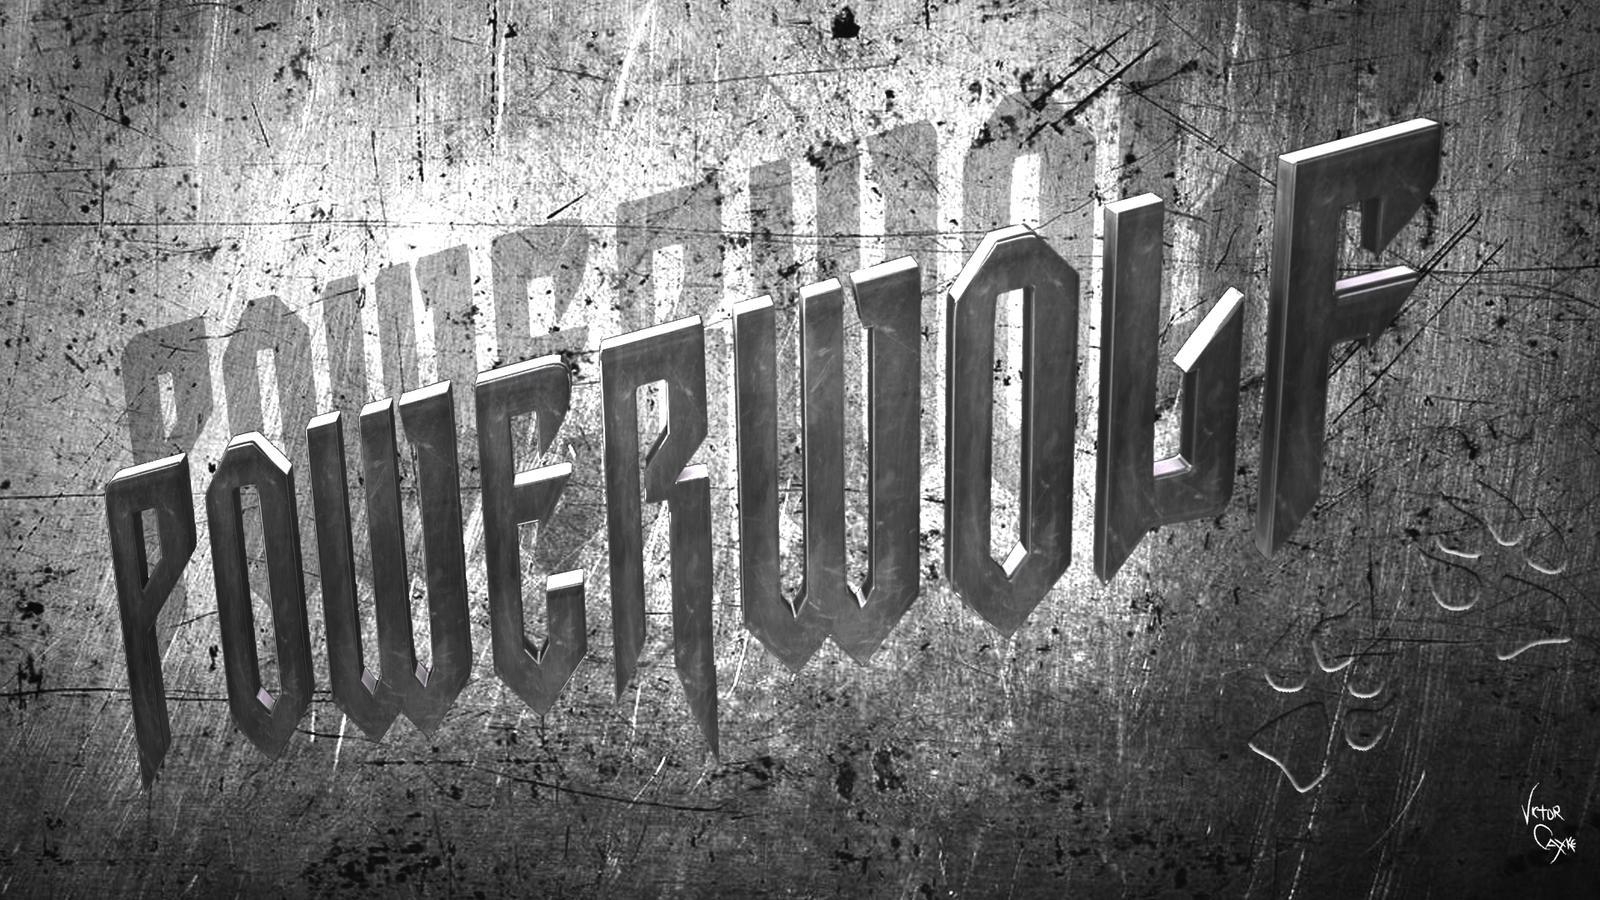 Powerwolf Wallpaper By Vihkun On Deviantart